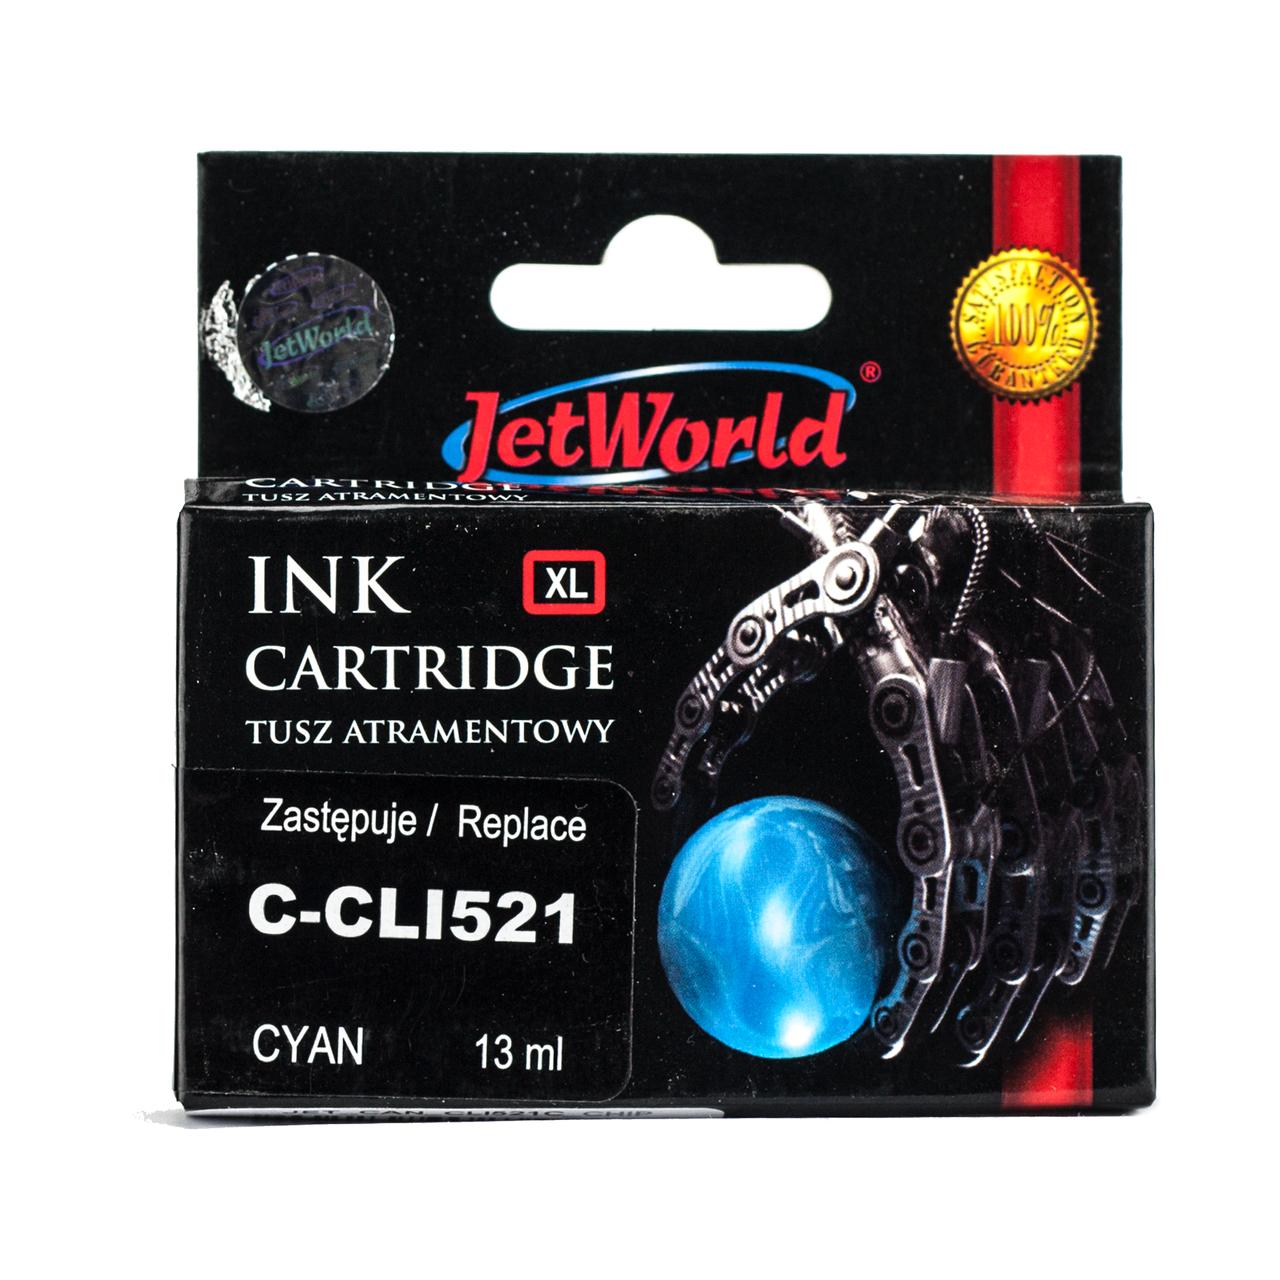 Картридж JetWorld Canon CLI-521C Cyan для MP540/MP620/MX860